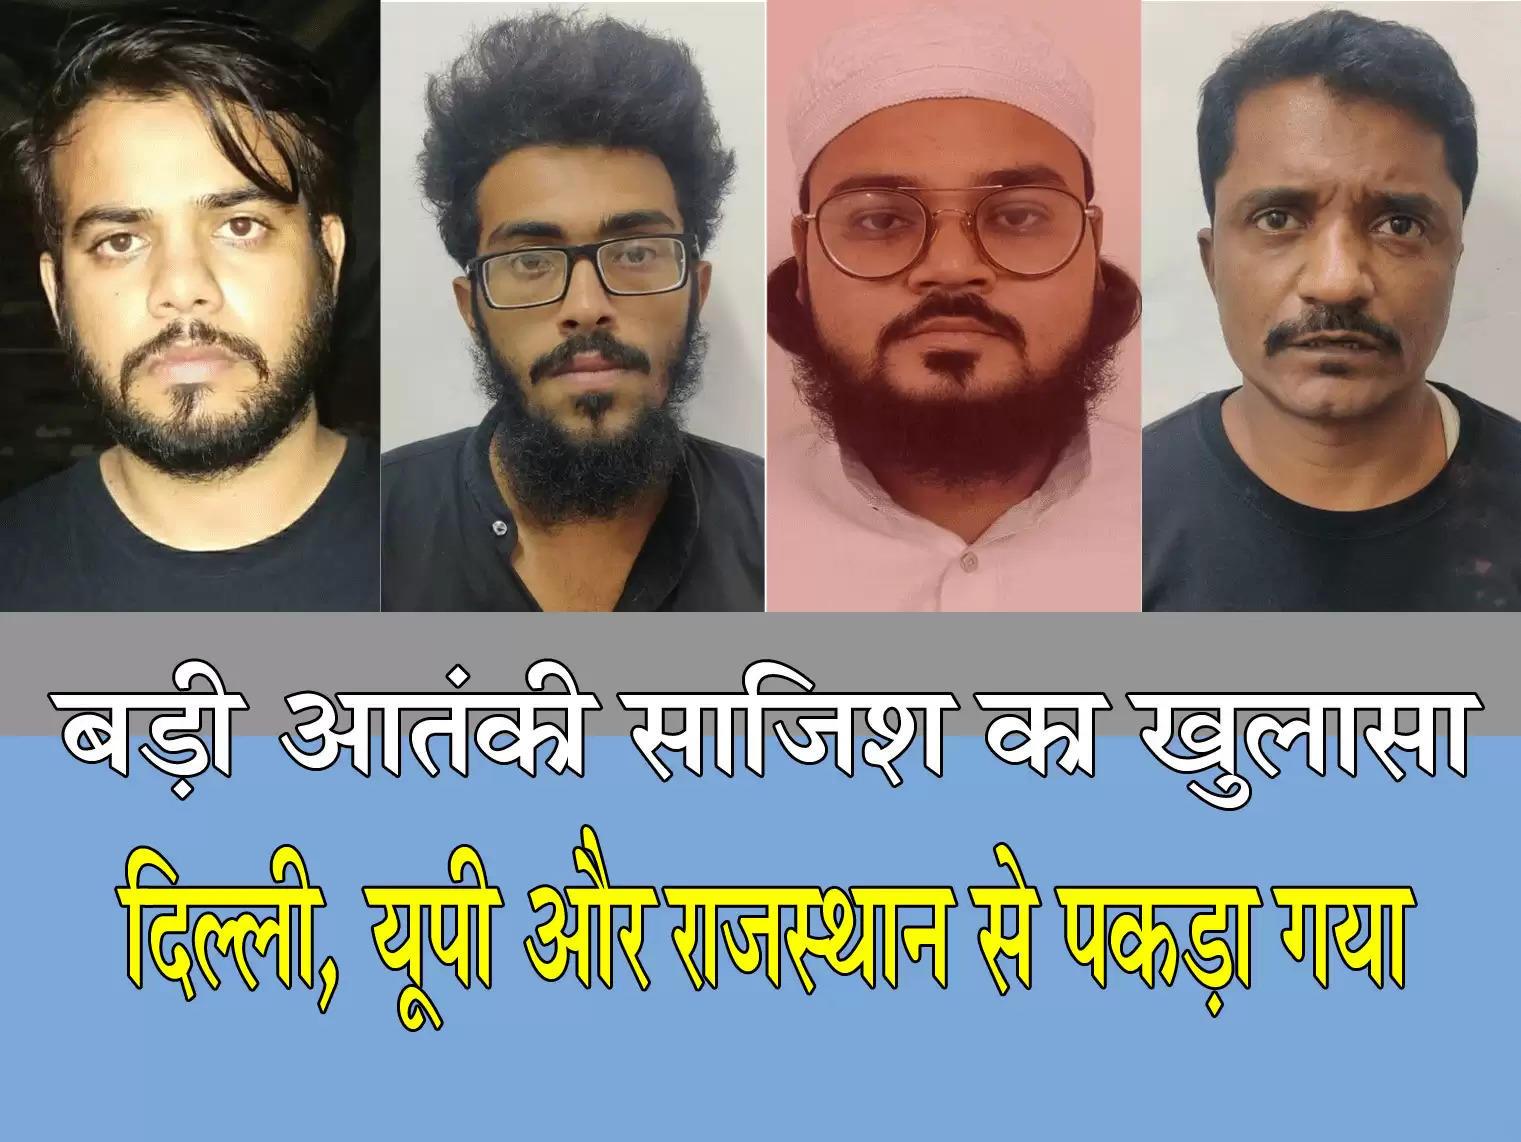 बड़ी आतंकी साजिश का खुलासा : दिल्ली पुलिस के स्पेशल सेल ने पाकिस्तान में ट्रेनिंग ले चुके 2 आतंकियों समेत 6 को दबोचा